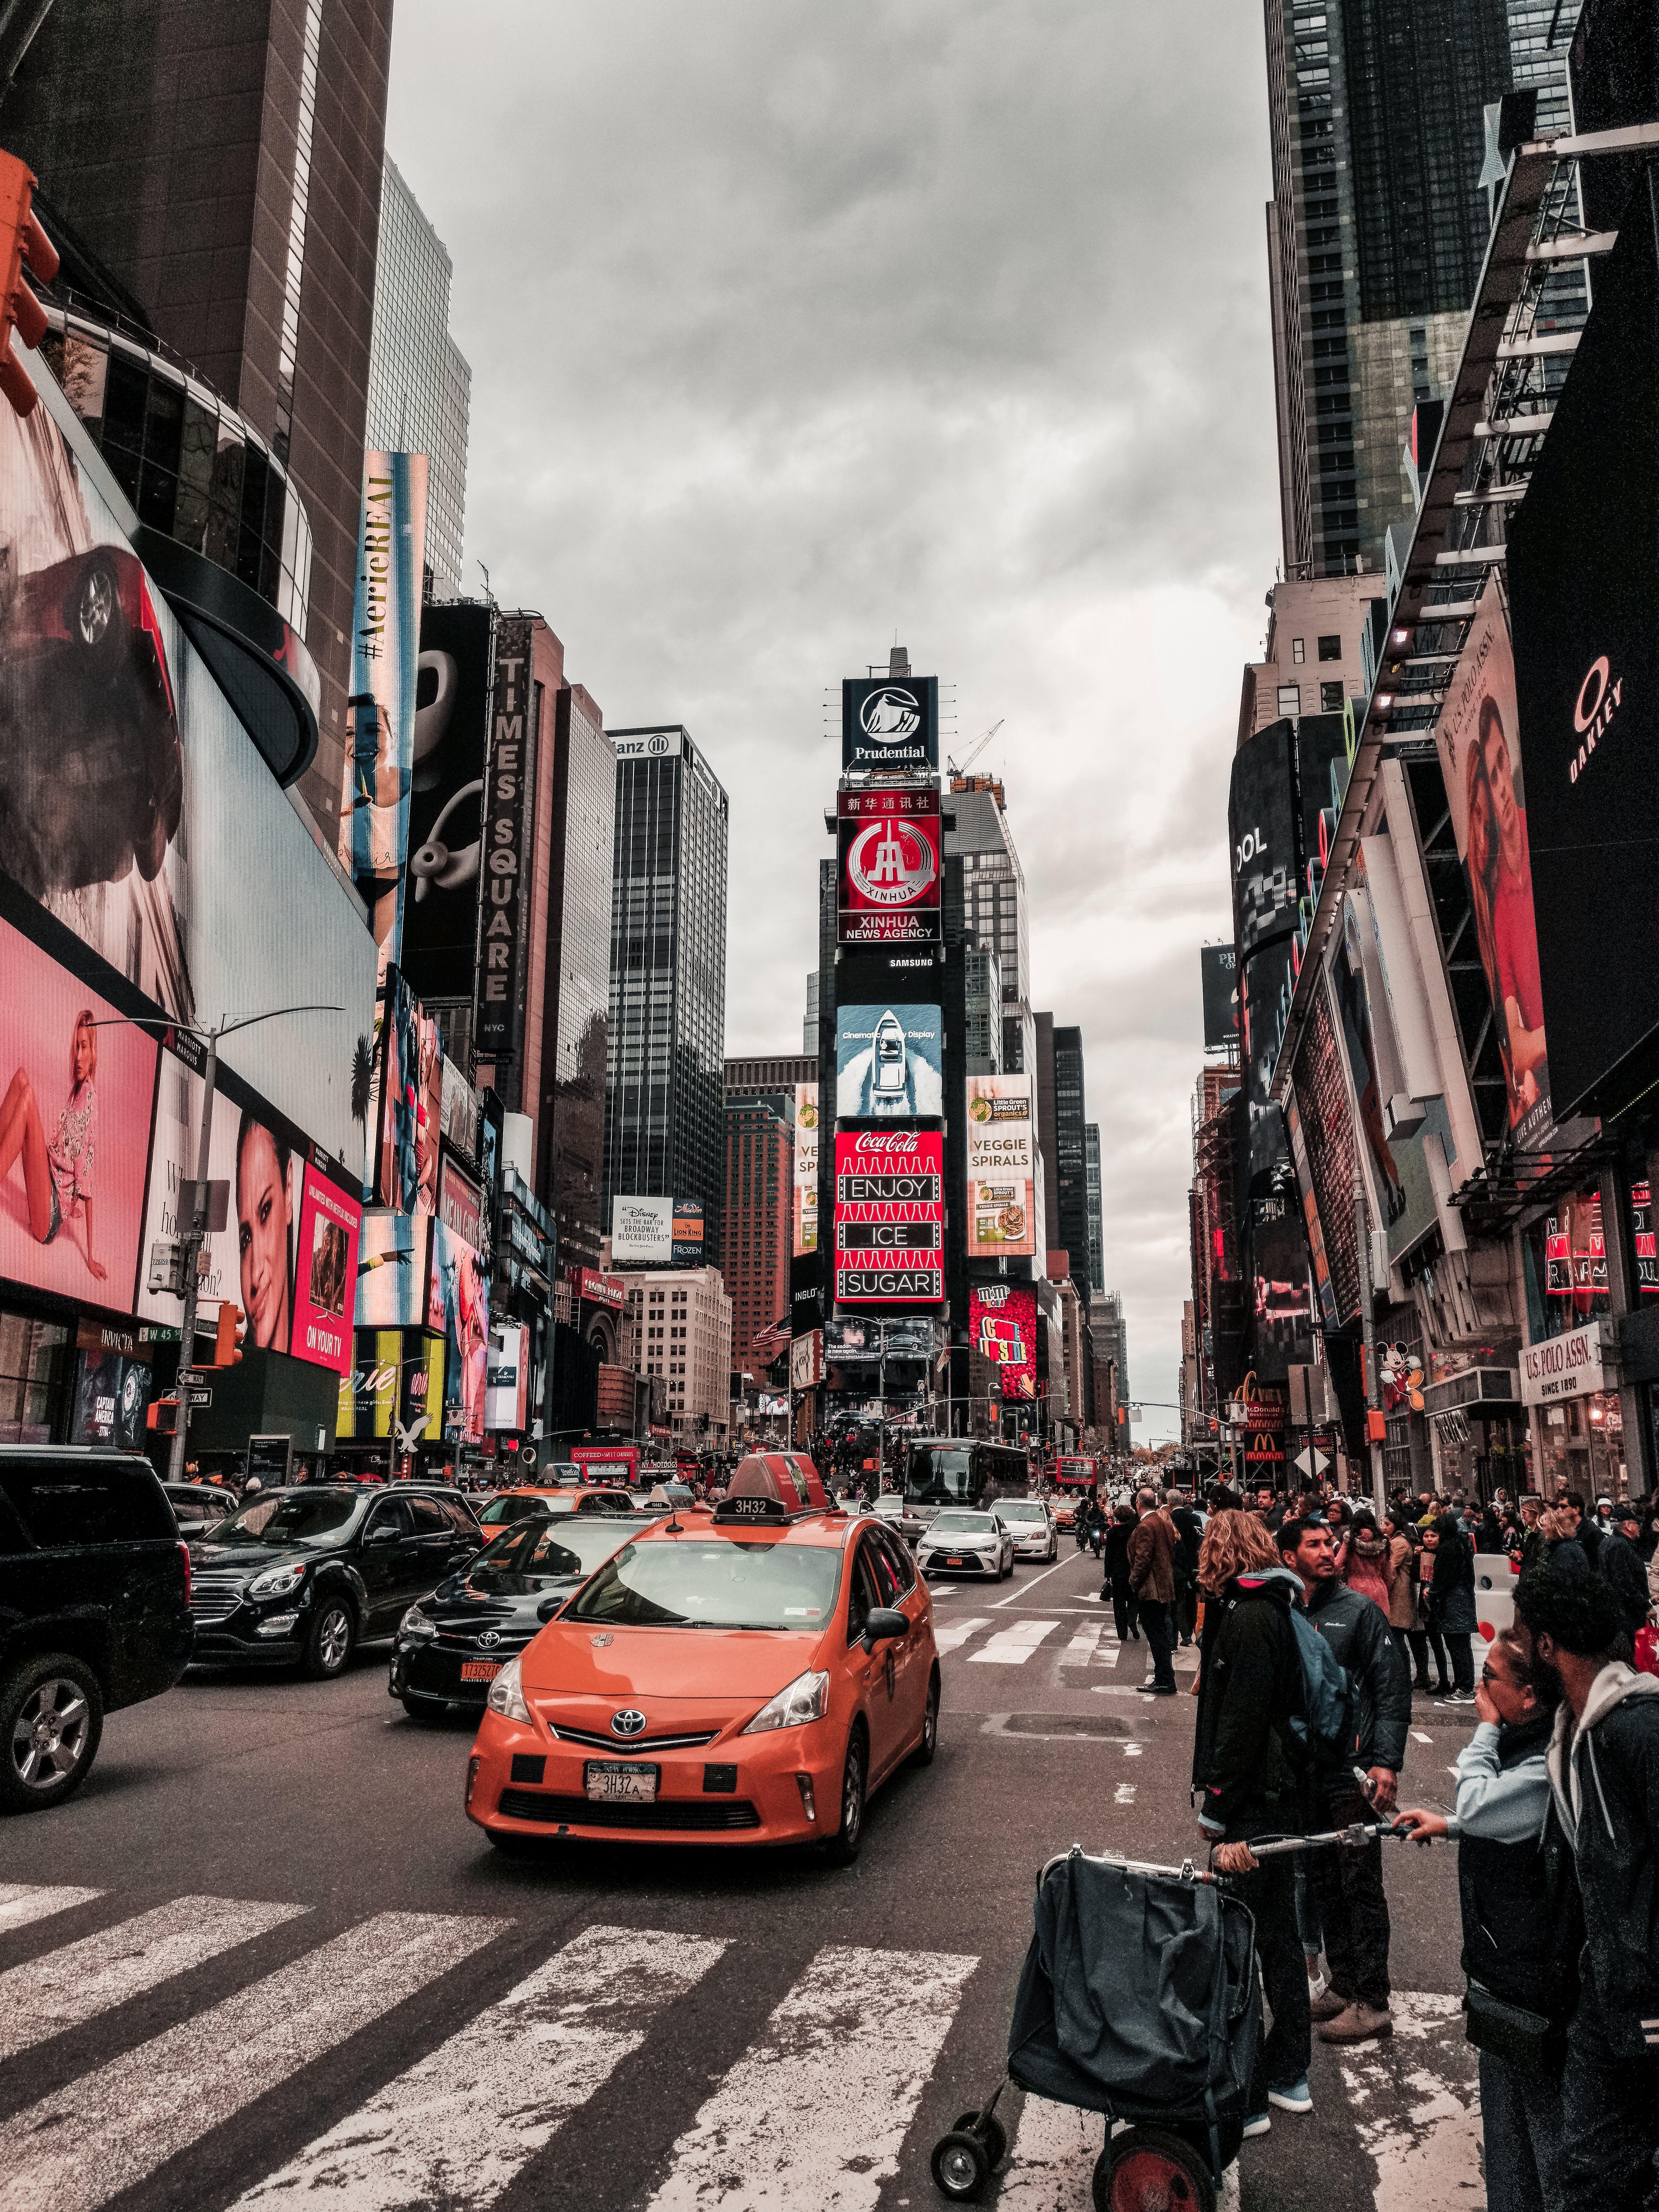 거리, 건물, 건축, 검은 구름의 무료 스톡 사진